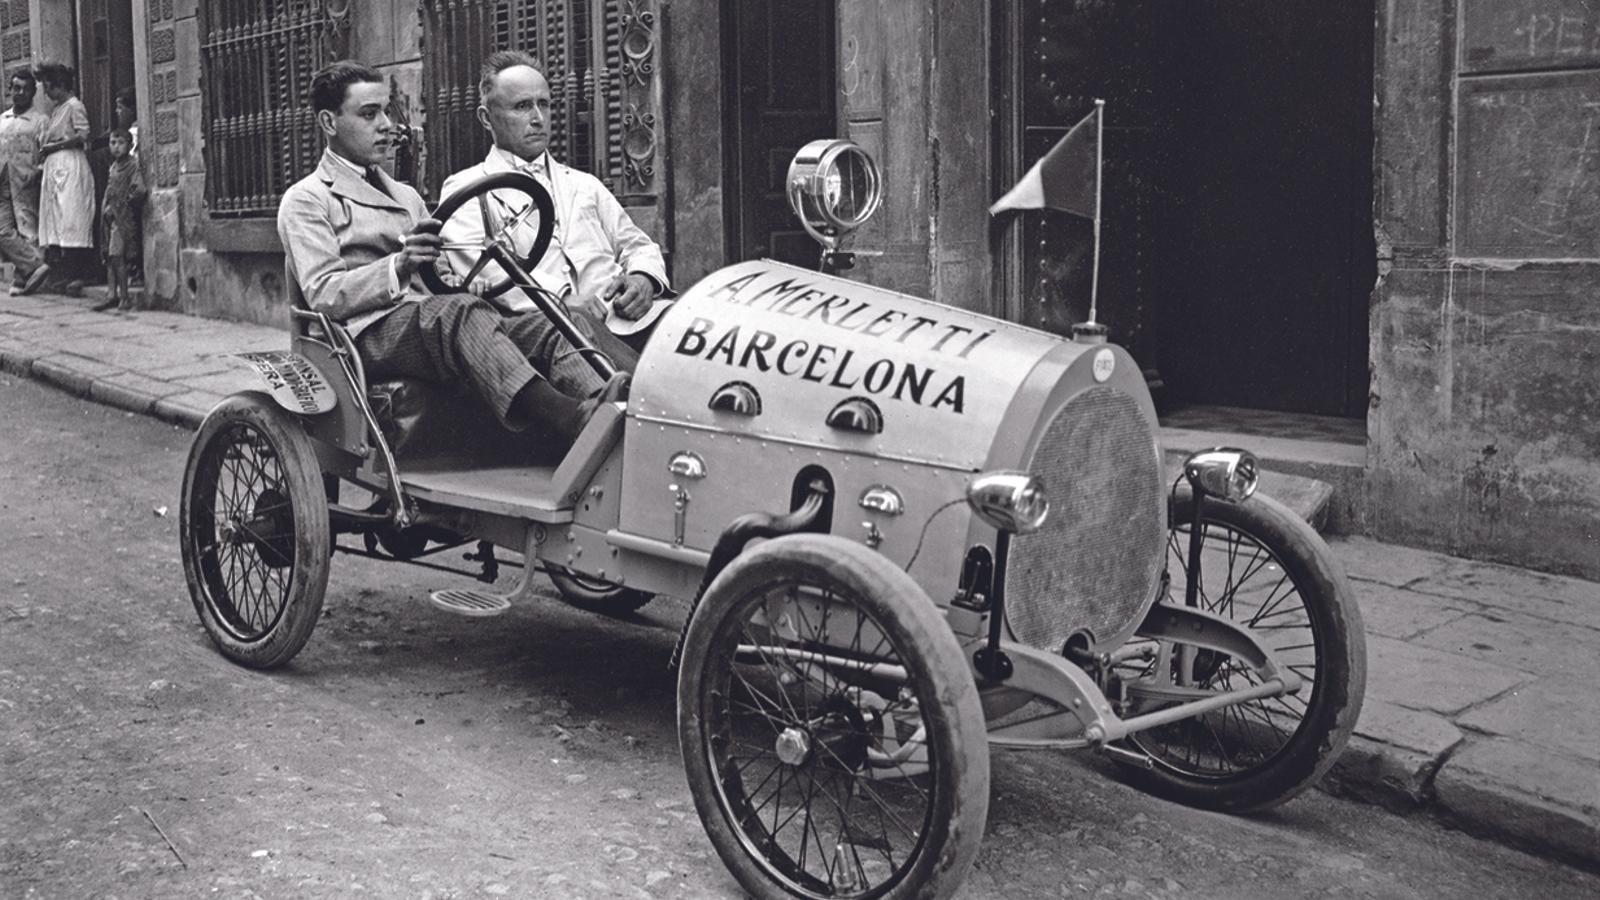 Merletti i la Barcelona del segle XX